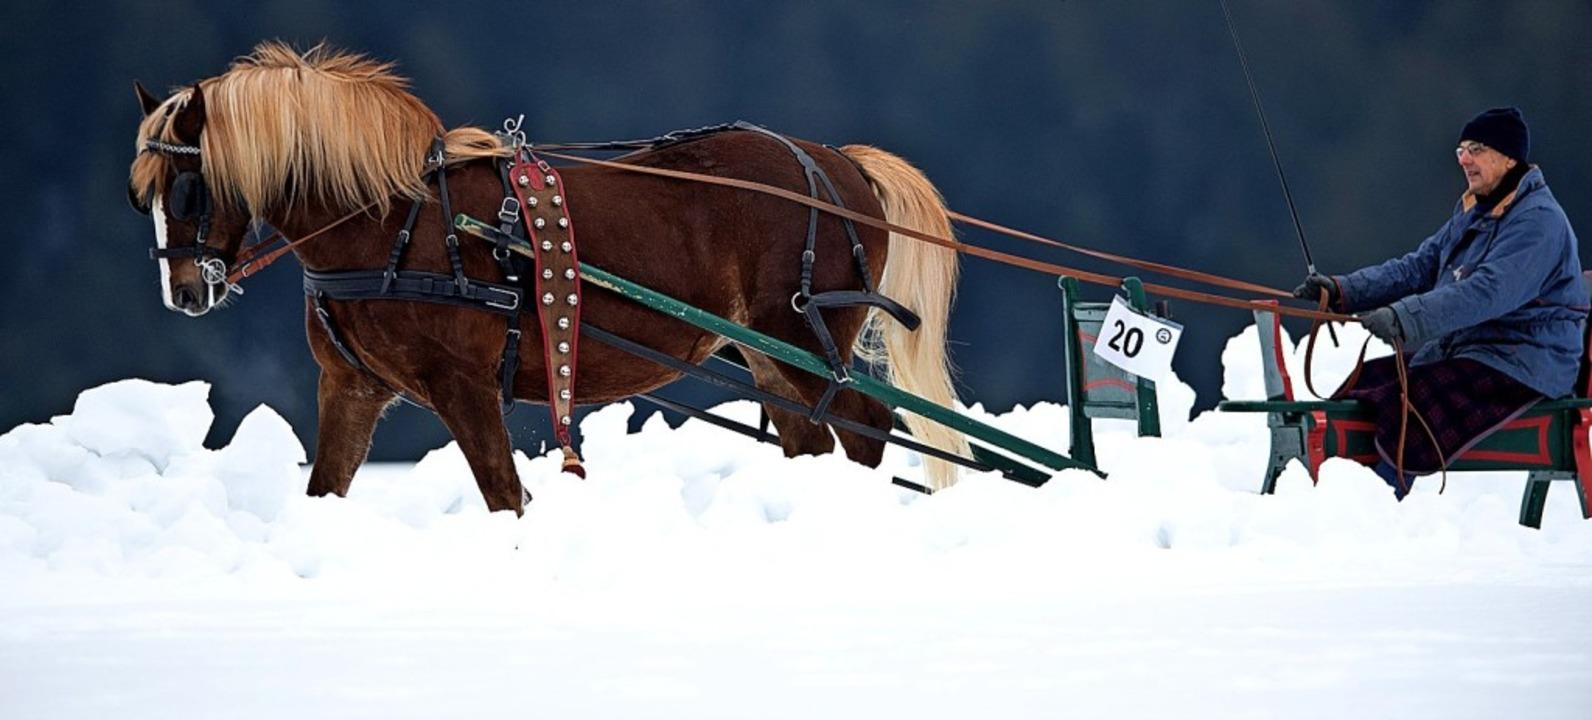 Josef Waldvogel, der Altbürgermeister ...ten Pferdeschlittenrennen als Aktiver.  | Foto: Wolfgang Scheu